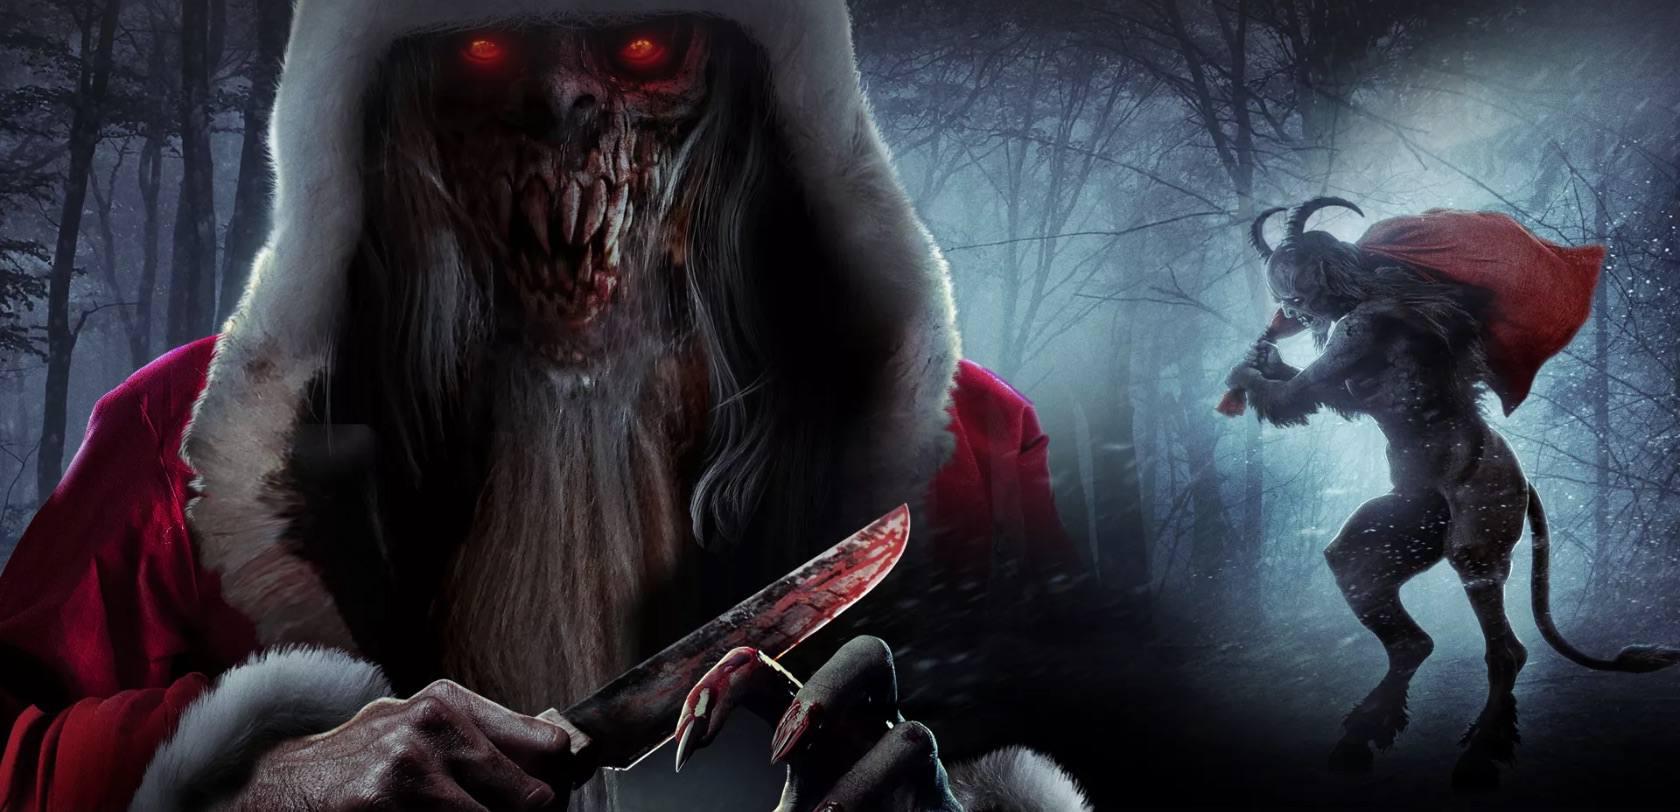 A still image of Krampus: The Christmas Devil